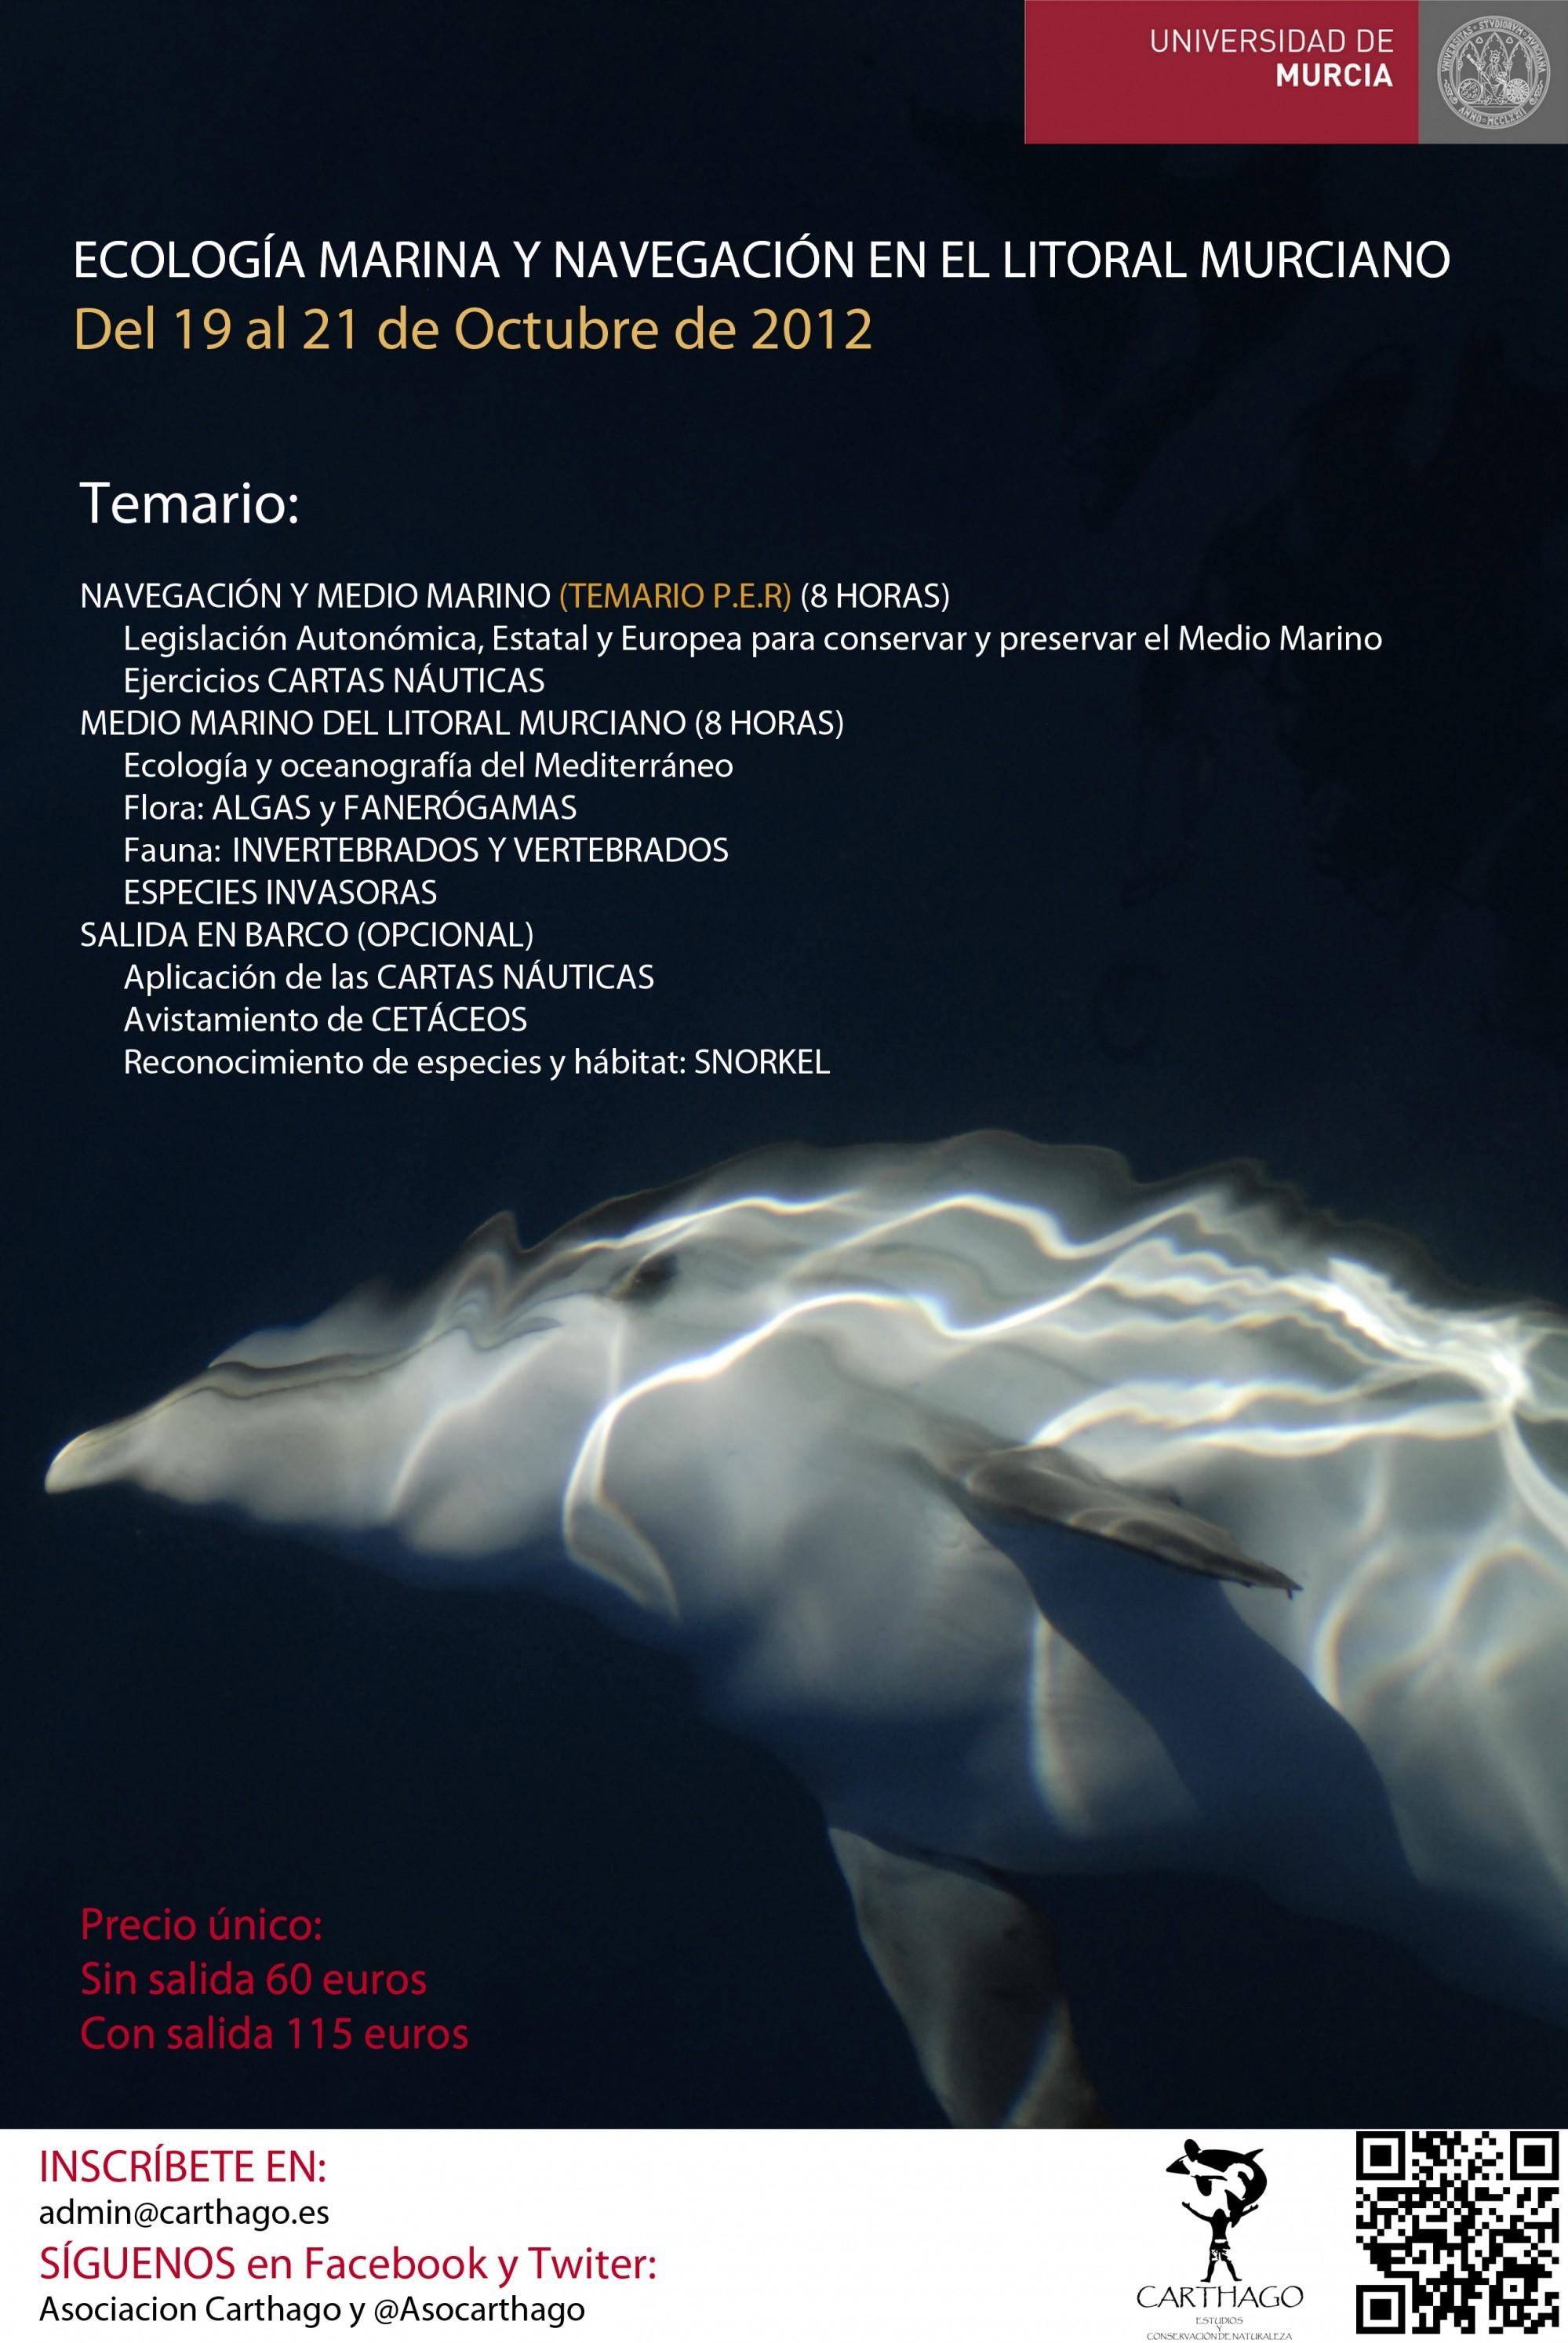 Curso teórico- práctico sobre ecología marina y navegación